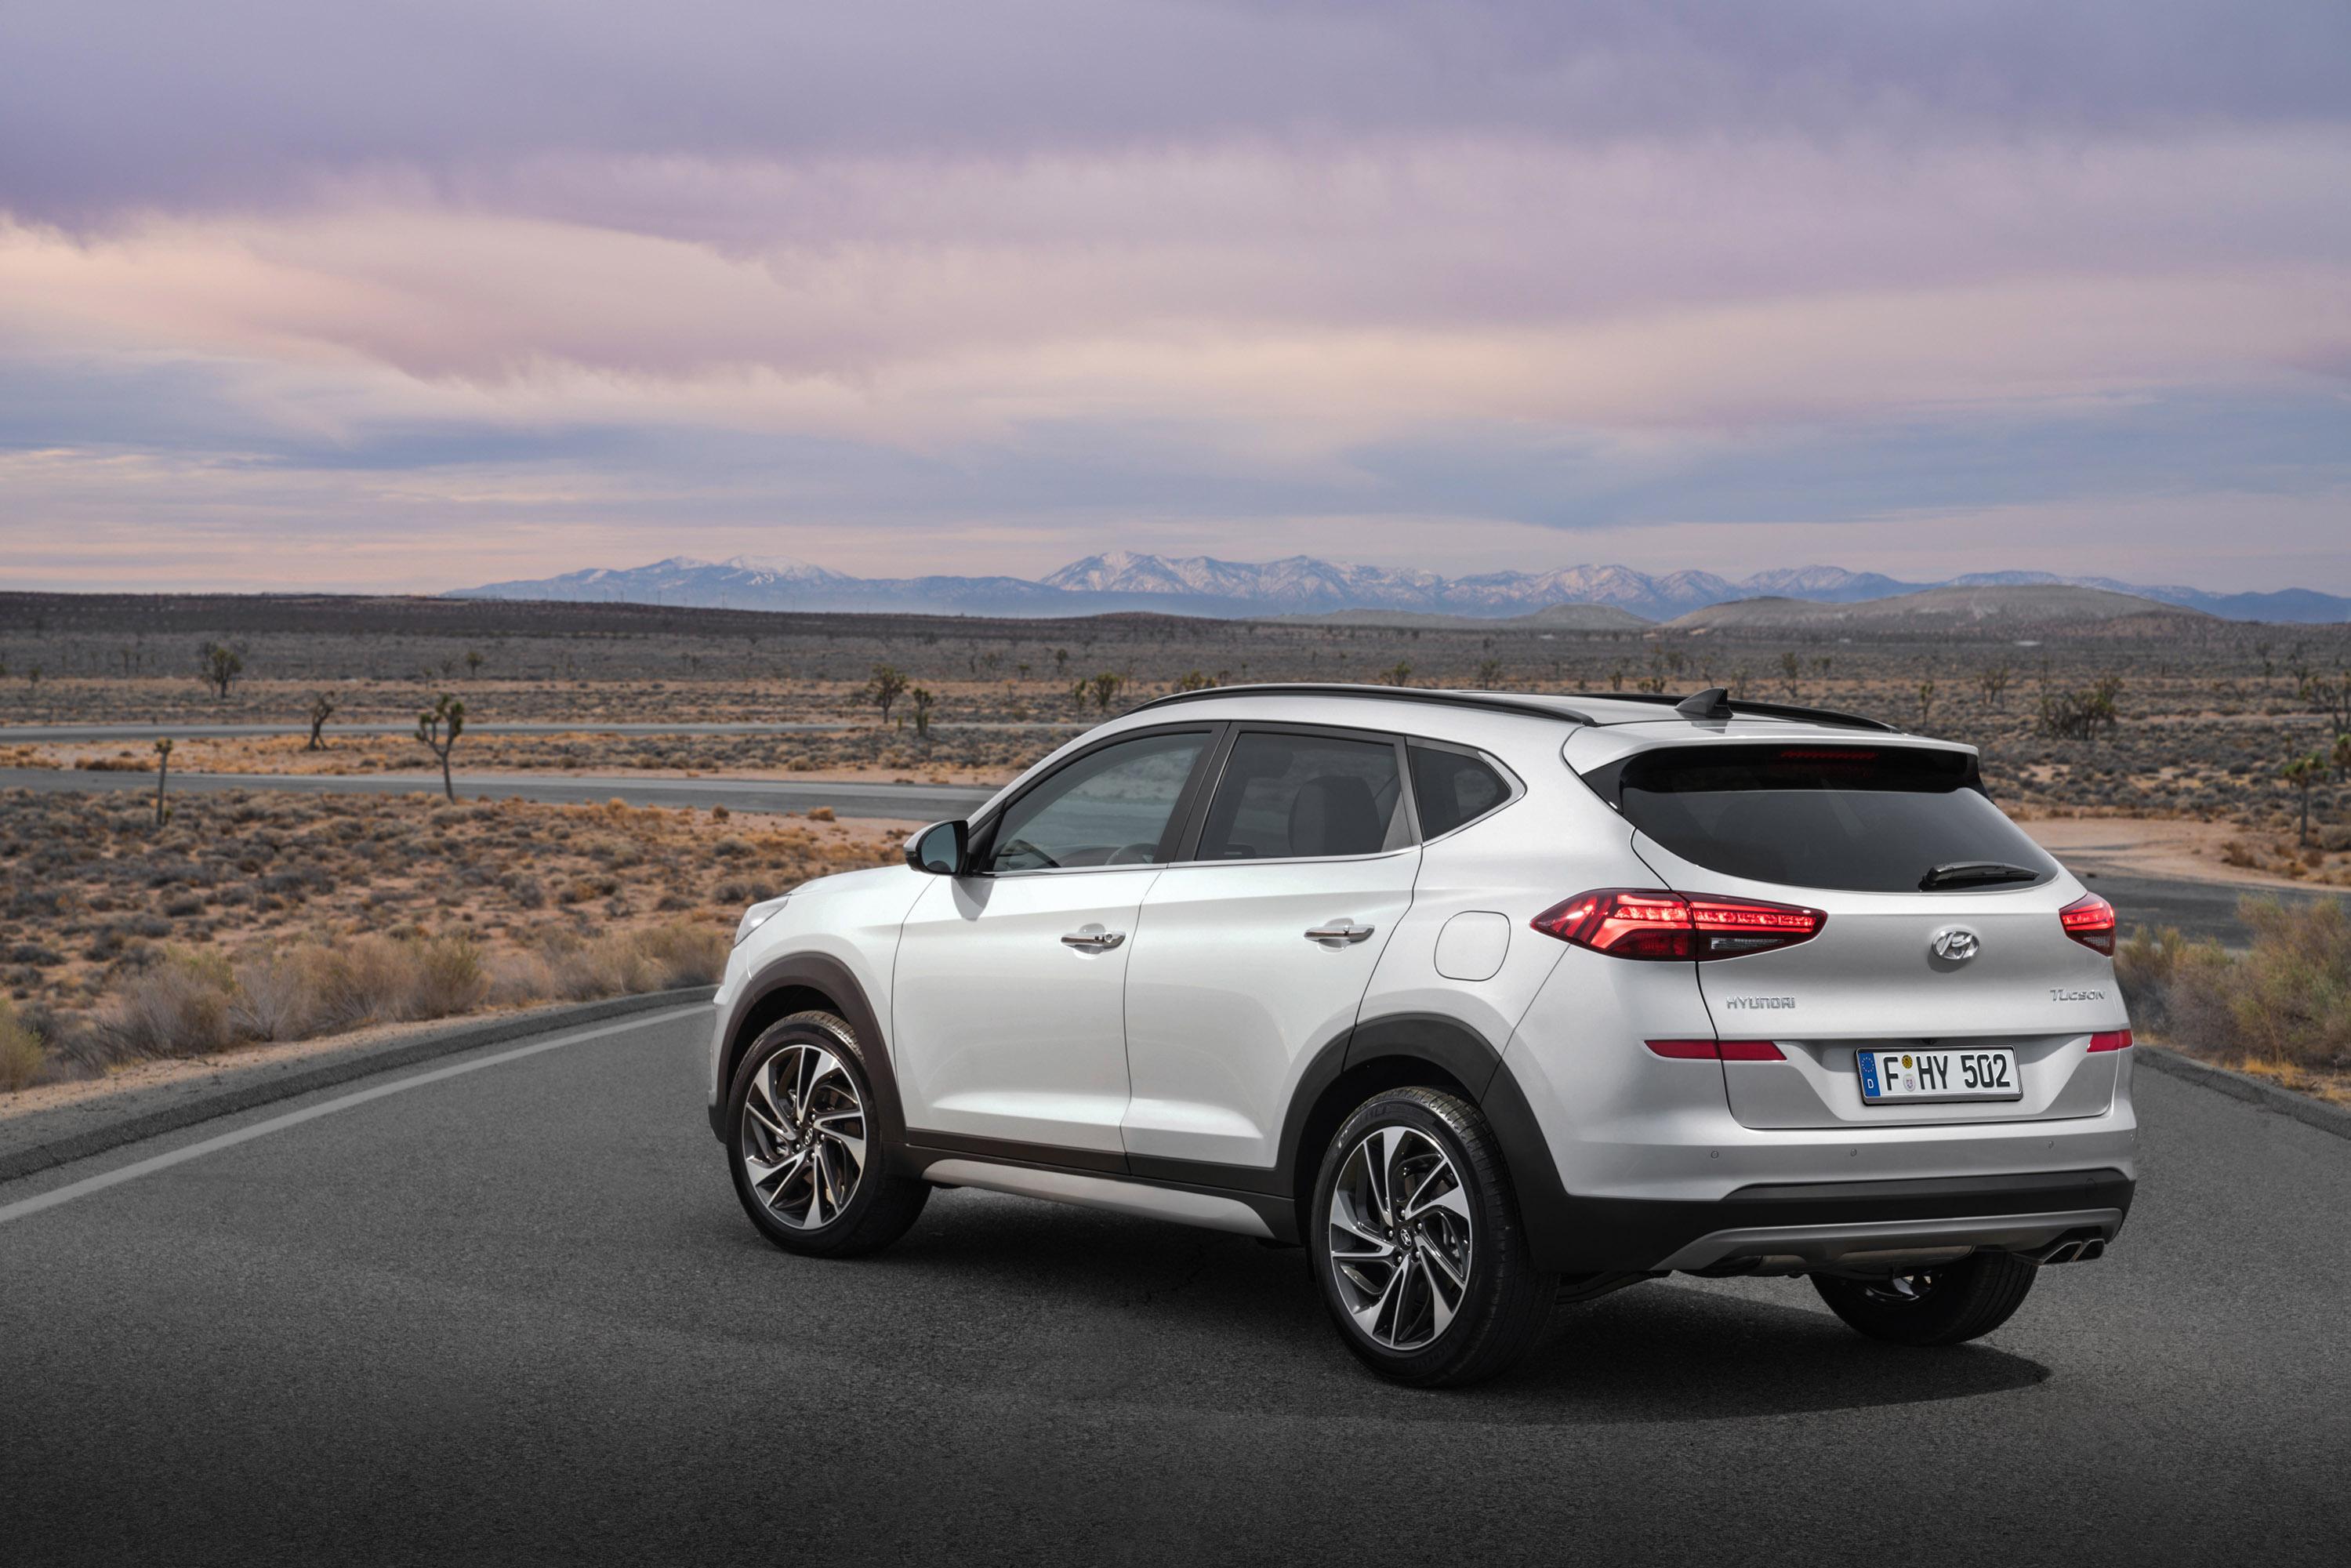 Аудитория на Международном автосалоне в Нью-Йорке 2018 стала свидетелем открытия новейшего Hyundai Tucson - одной из самых популярных и известных моделей бренда.